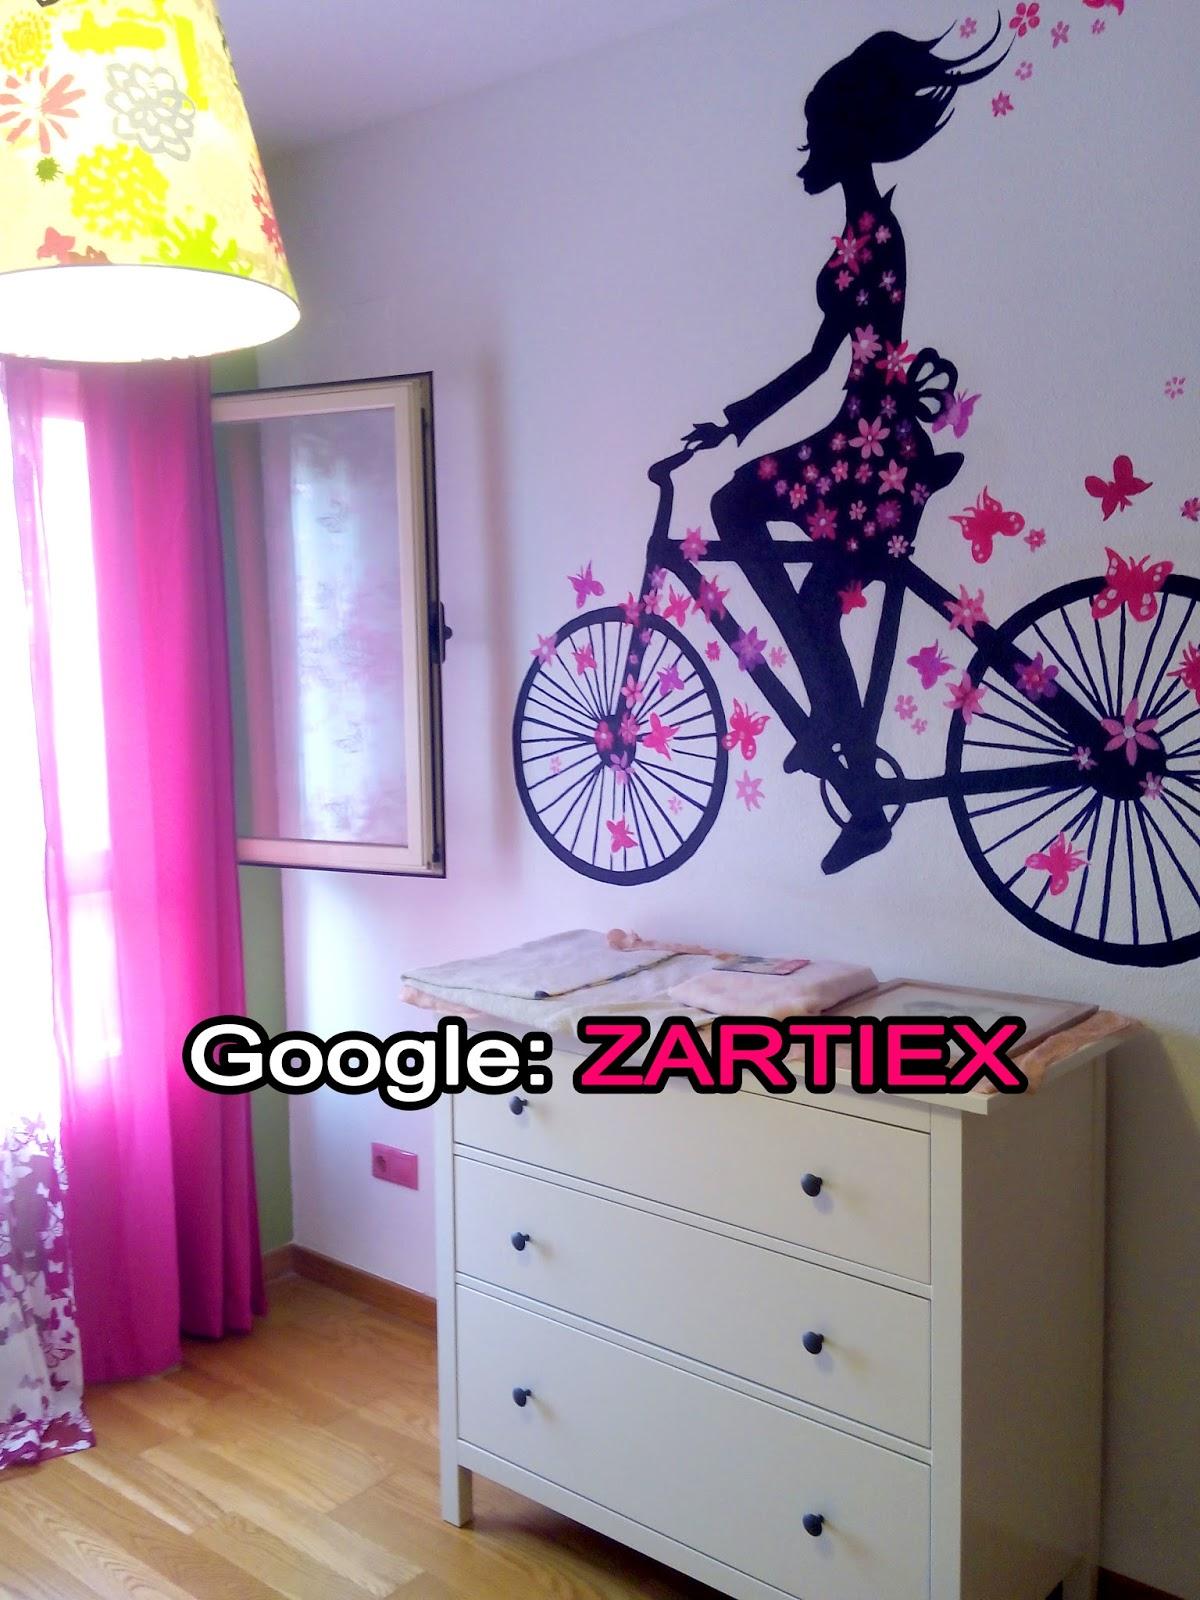 Decorar y pintar mi cuarto o mi habitacion con murales de for Detalles para decorar mi cuarto